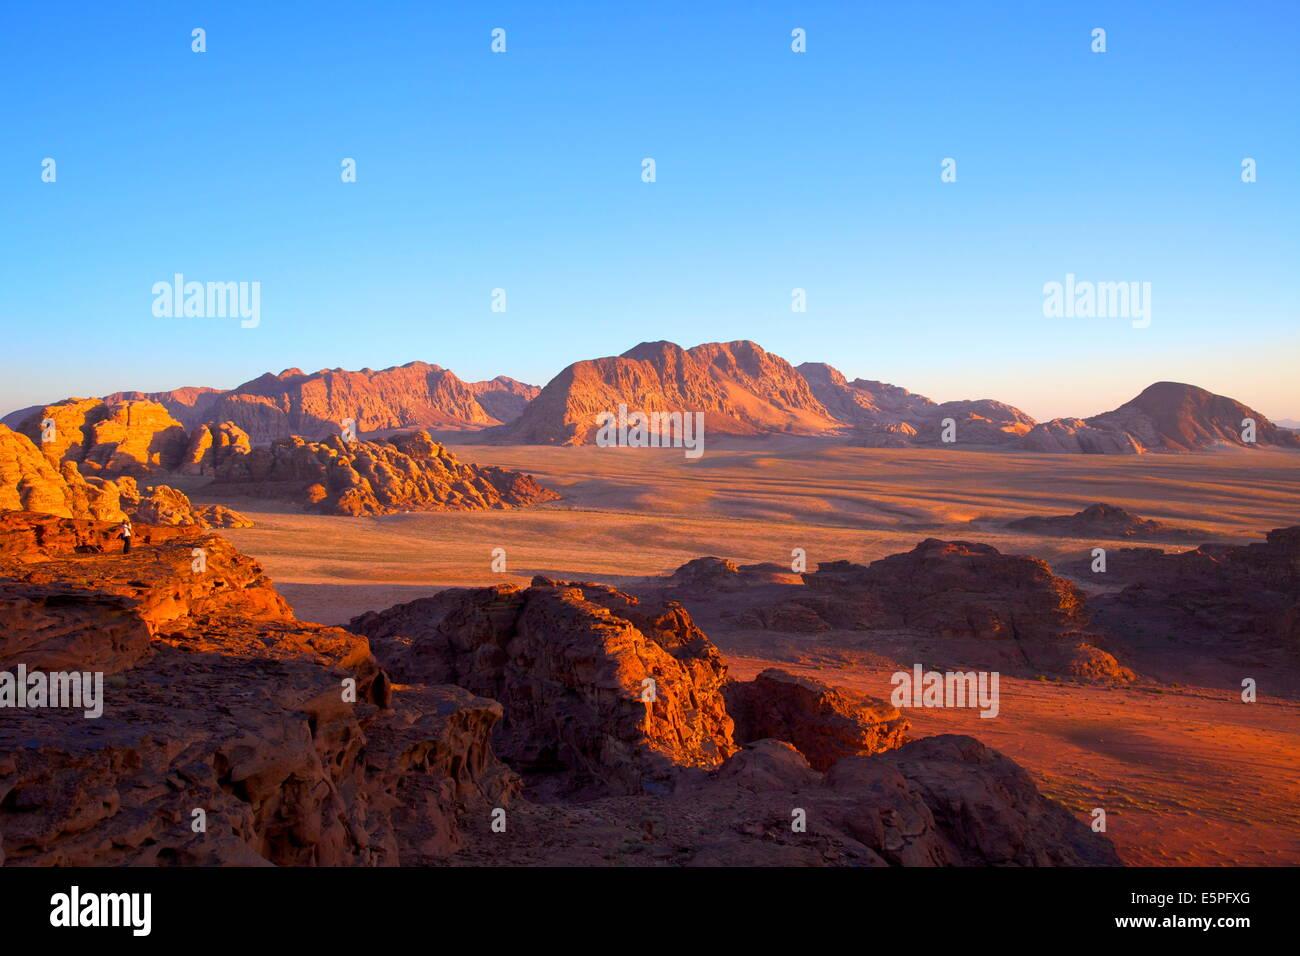 Turistico a Wadi Rum, Giordania, Medio Oriente Immagini Stock